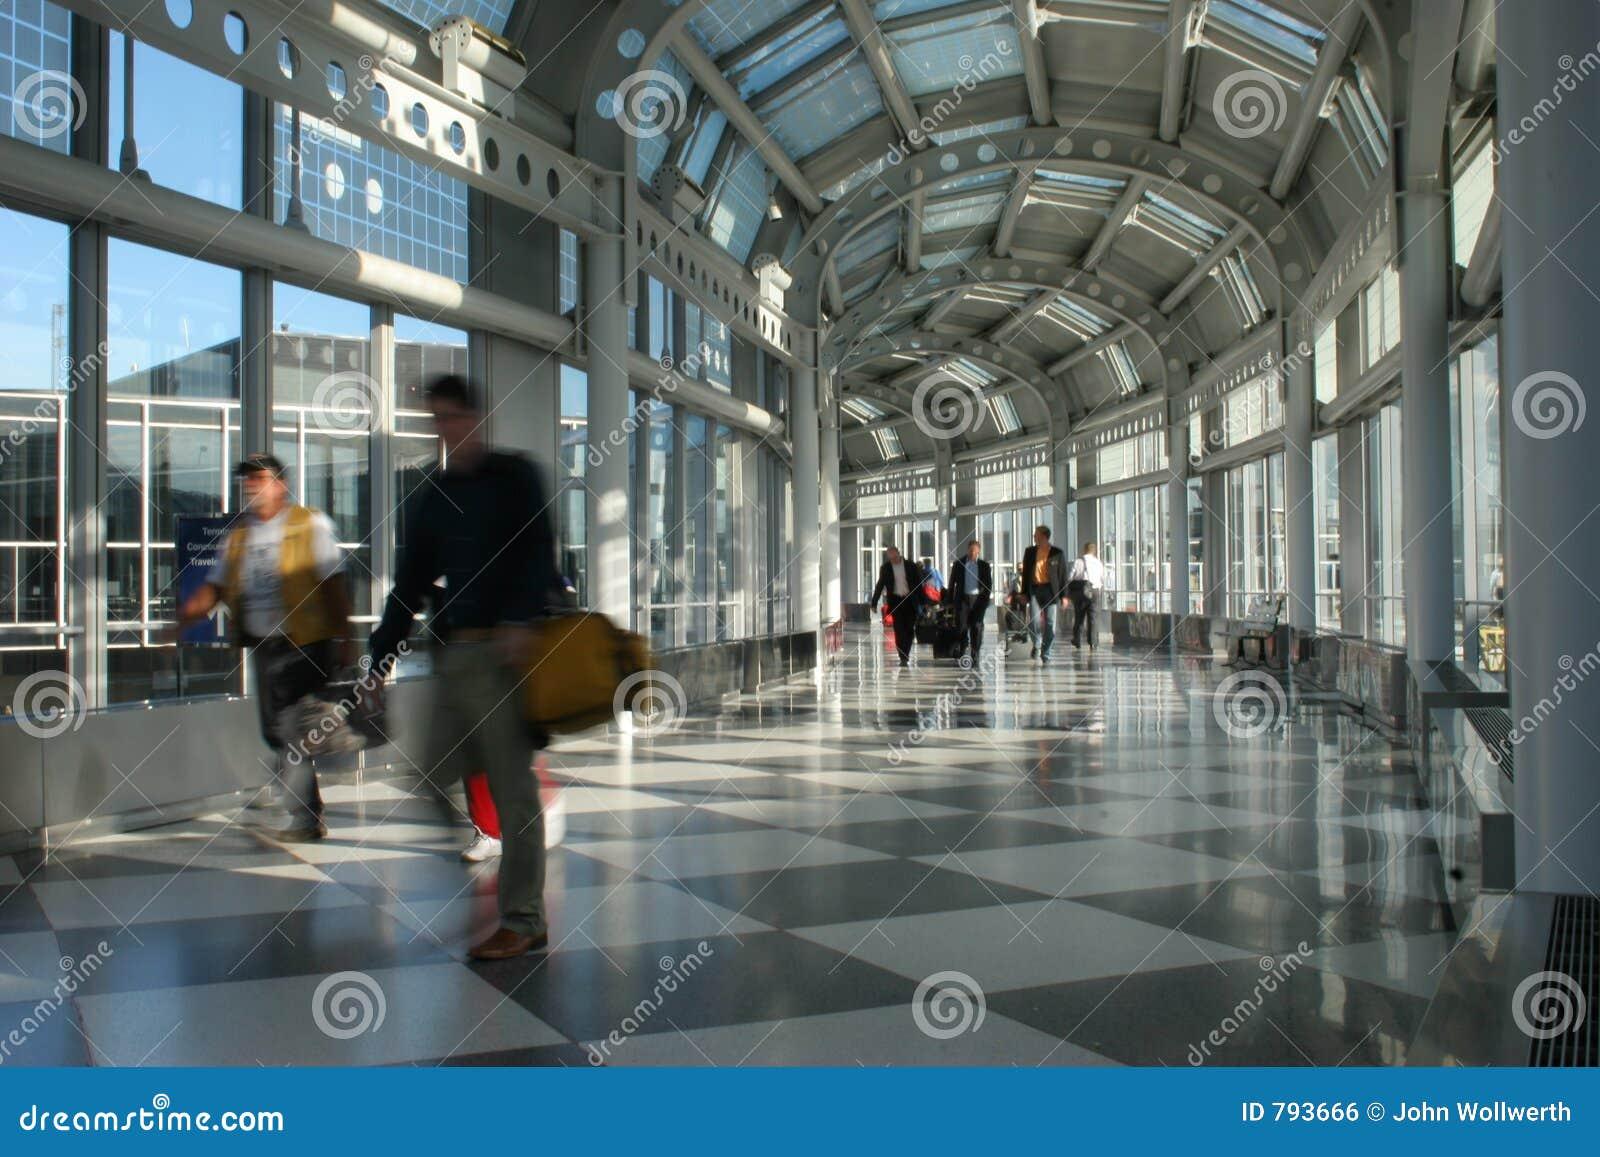 机场繁忙的国际